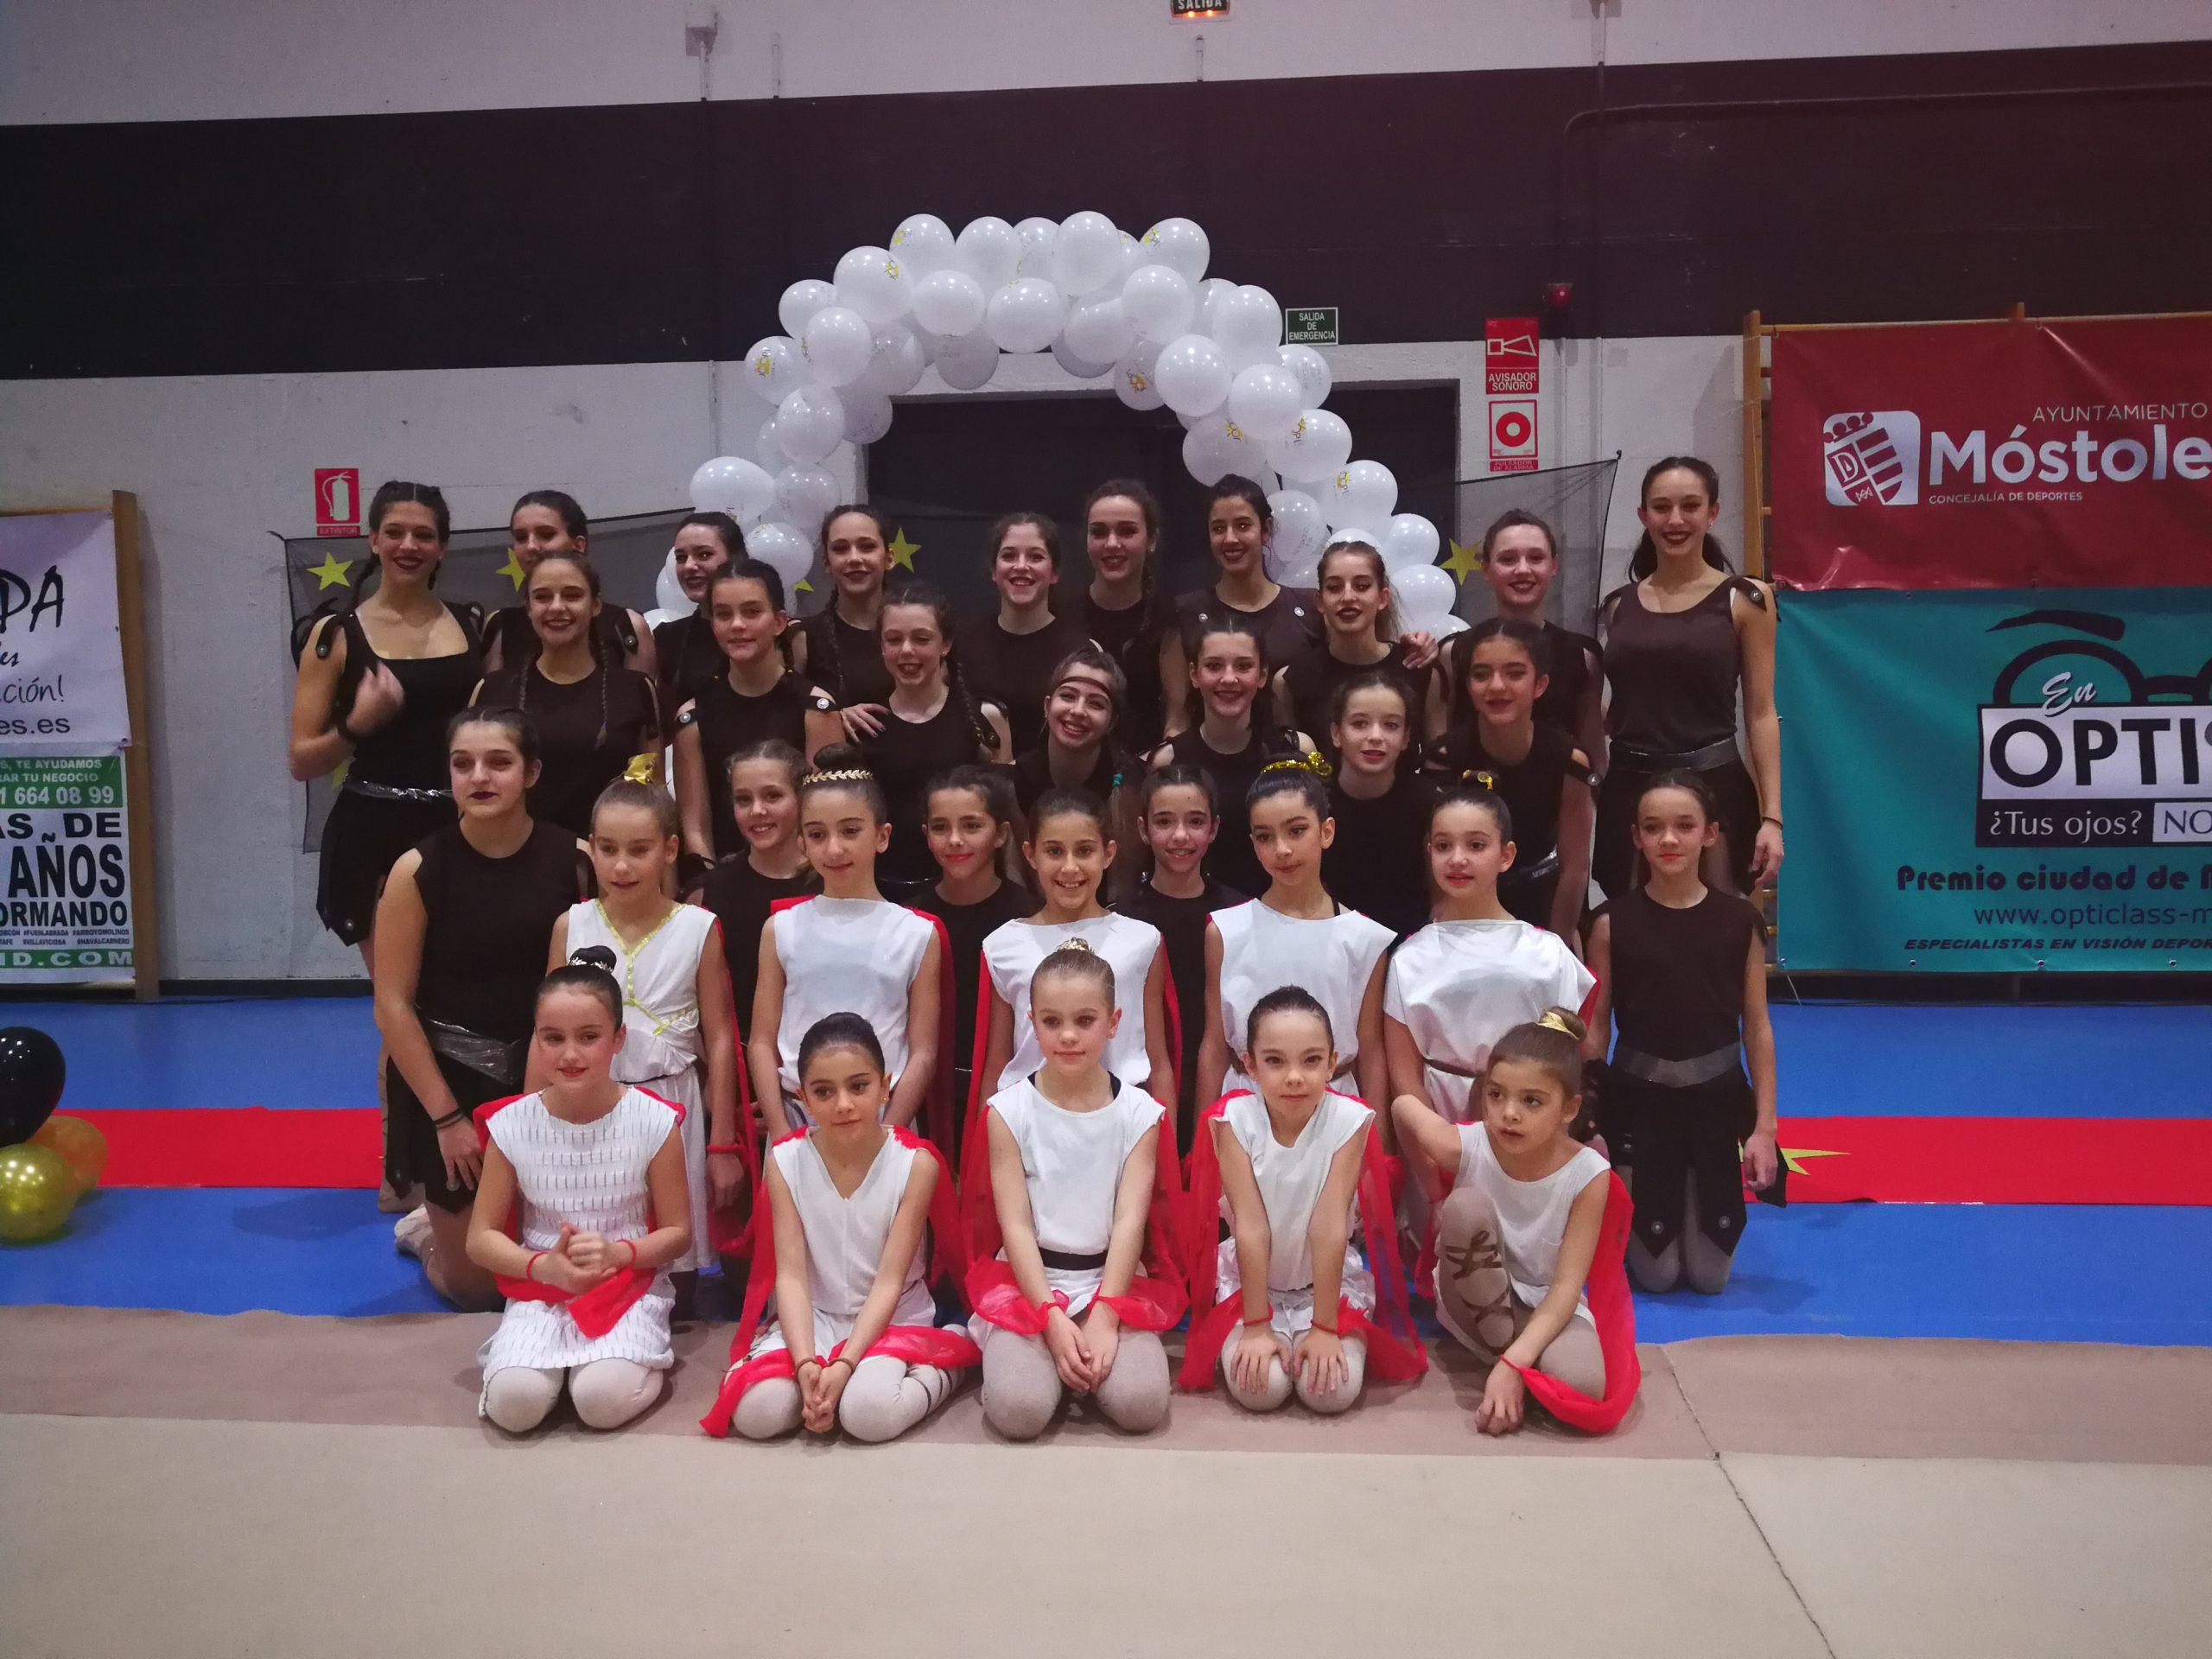 Exhibicion de Navidad del Club Gimnasia Rítmica de Móstoles